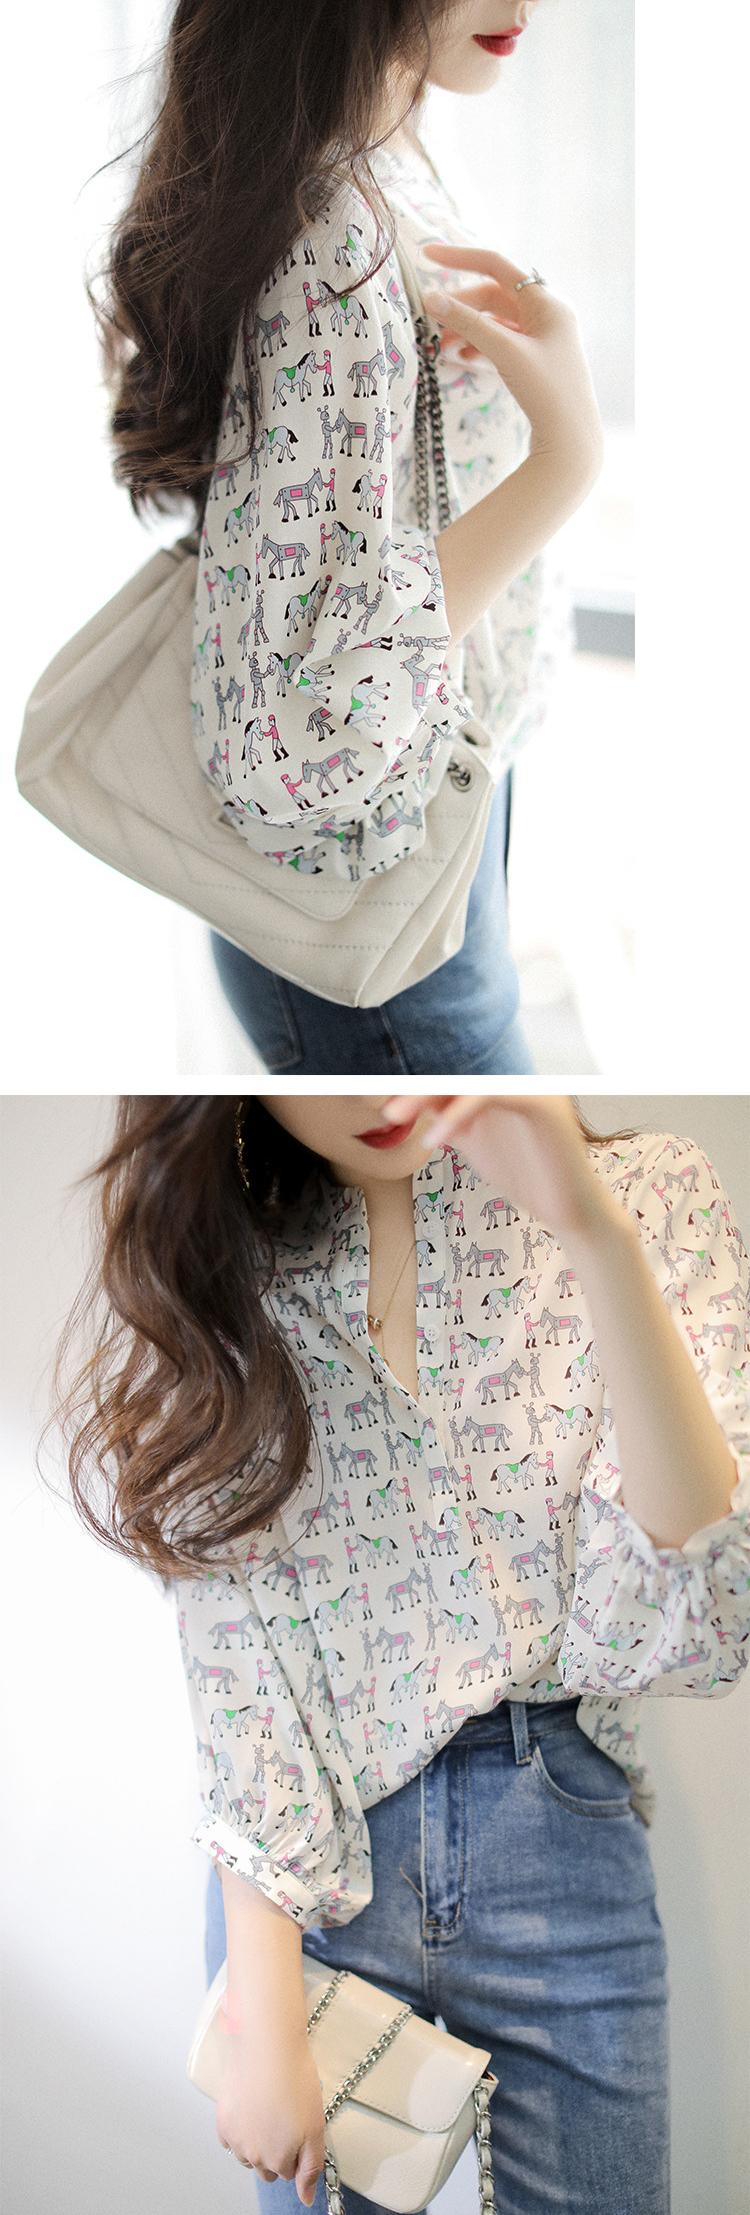 氣質甜美滿版印花襯衫